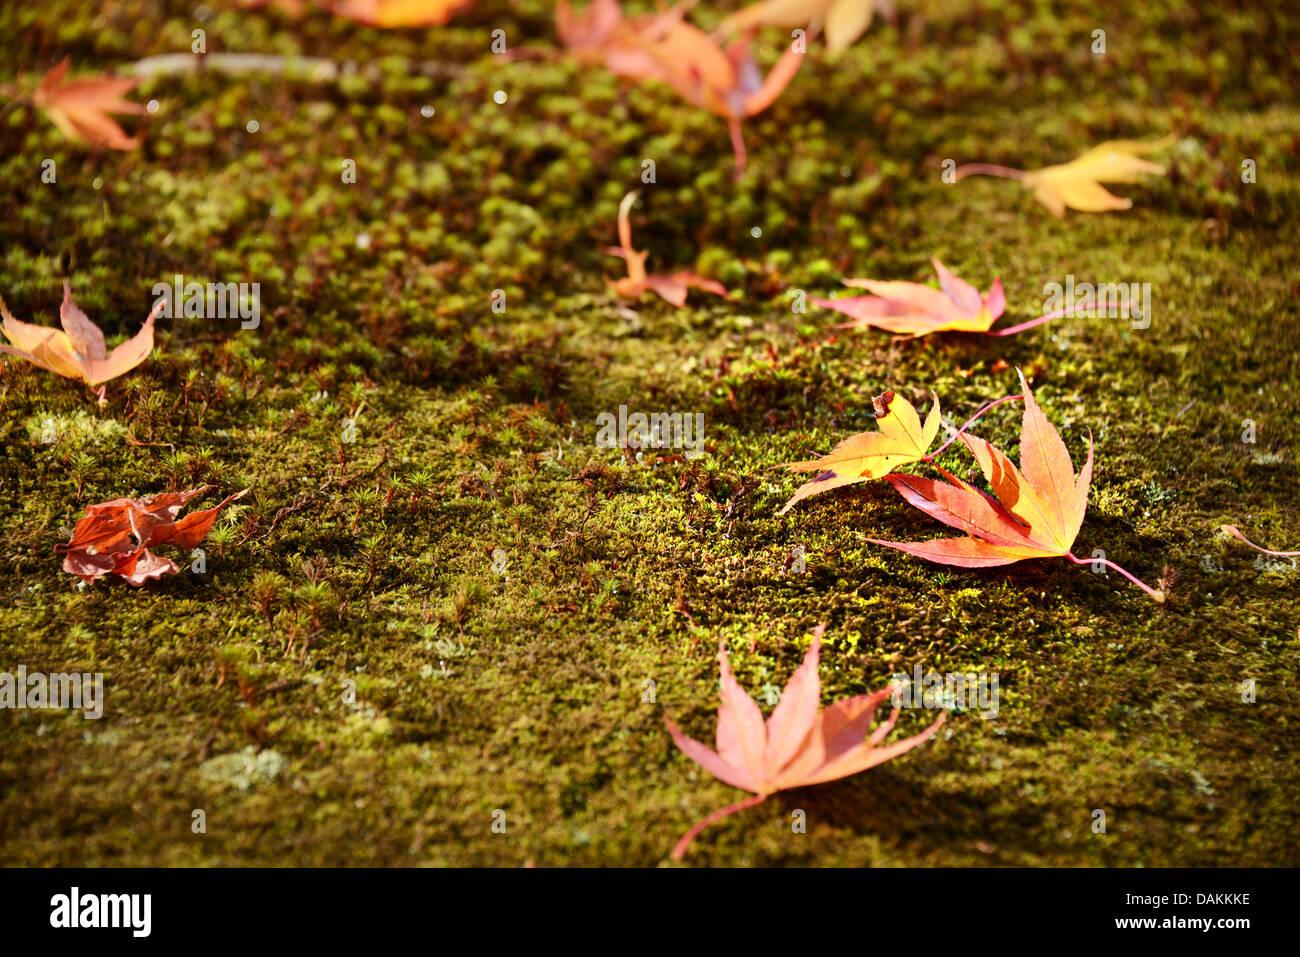 Cadono le foglie che indica il cambiamento stagionale a Kyoto, in Giappone. Immagini Stock